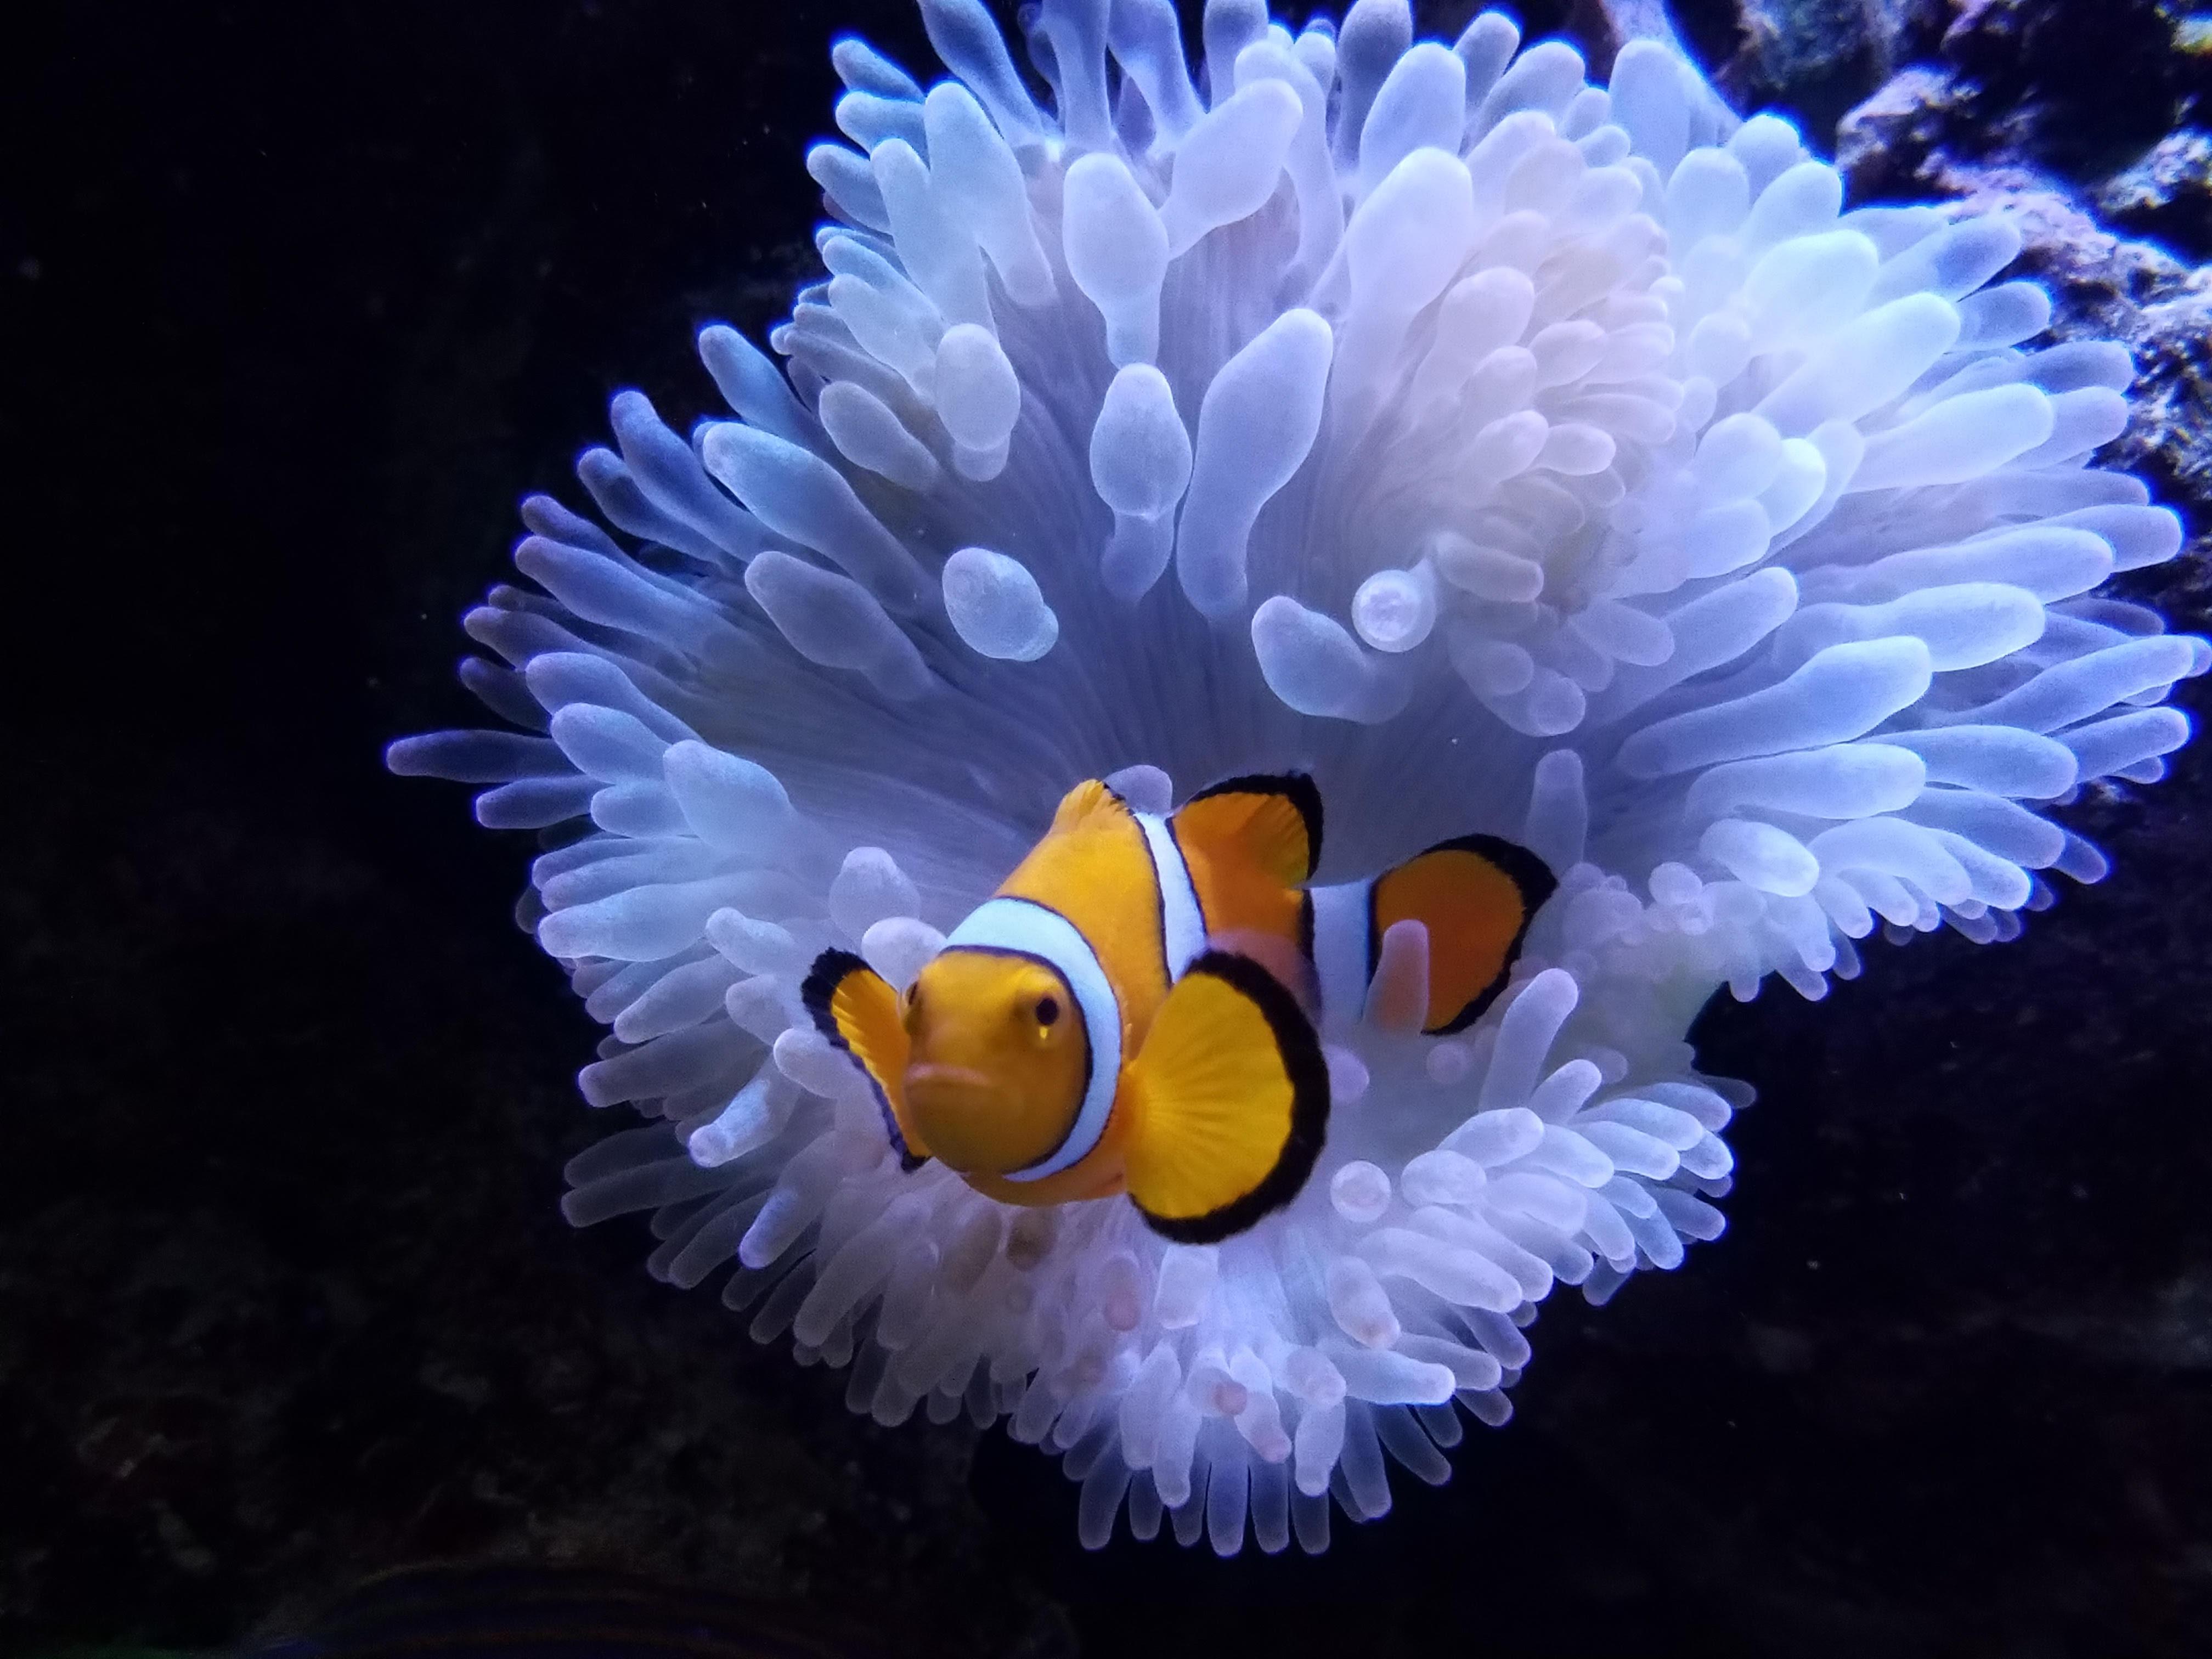 anemone centreville aquariumcentreville aquarium